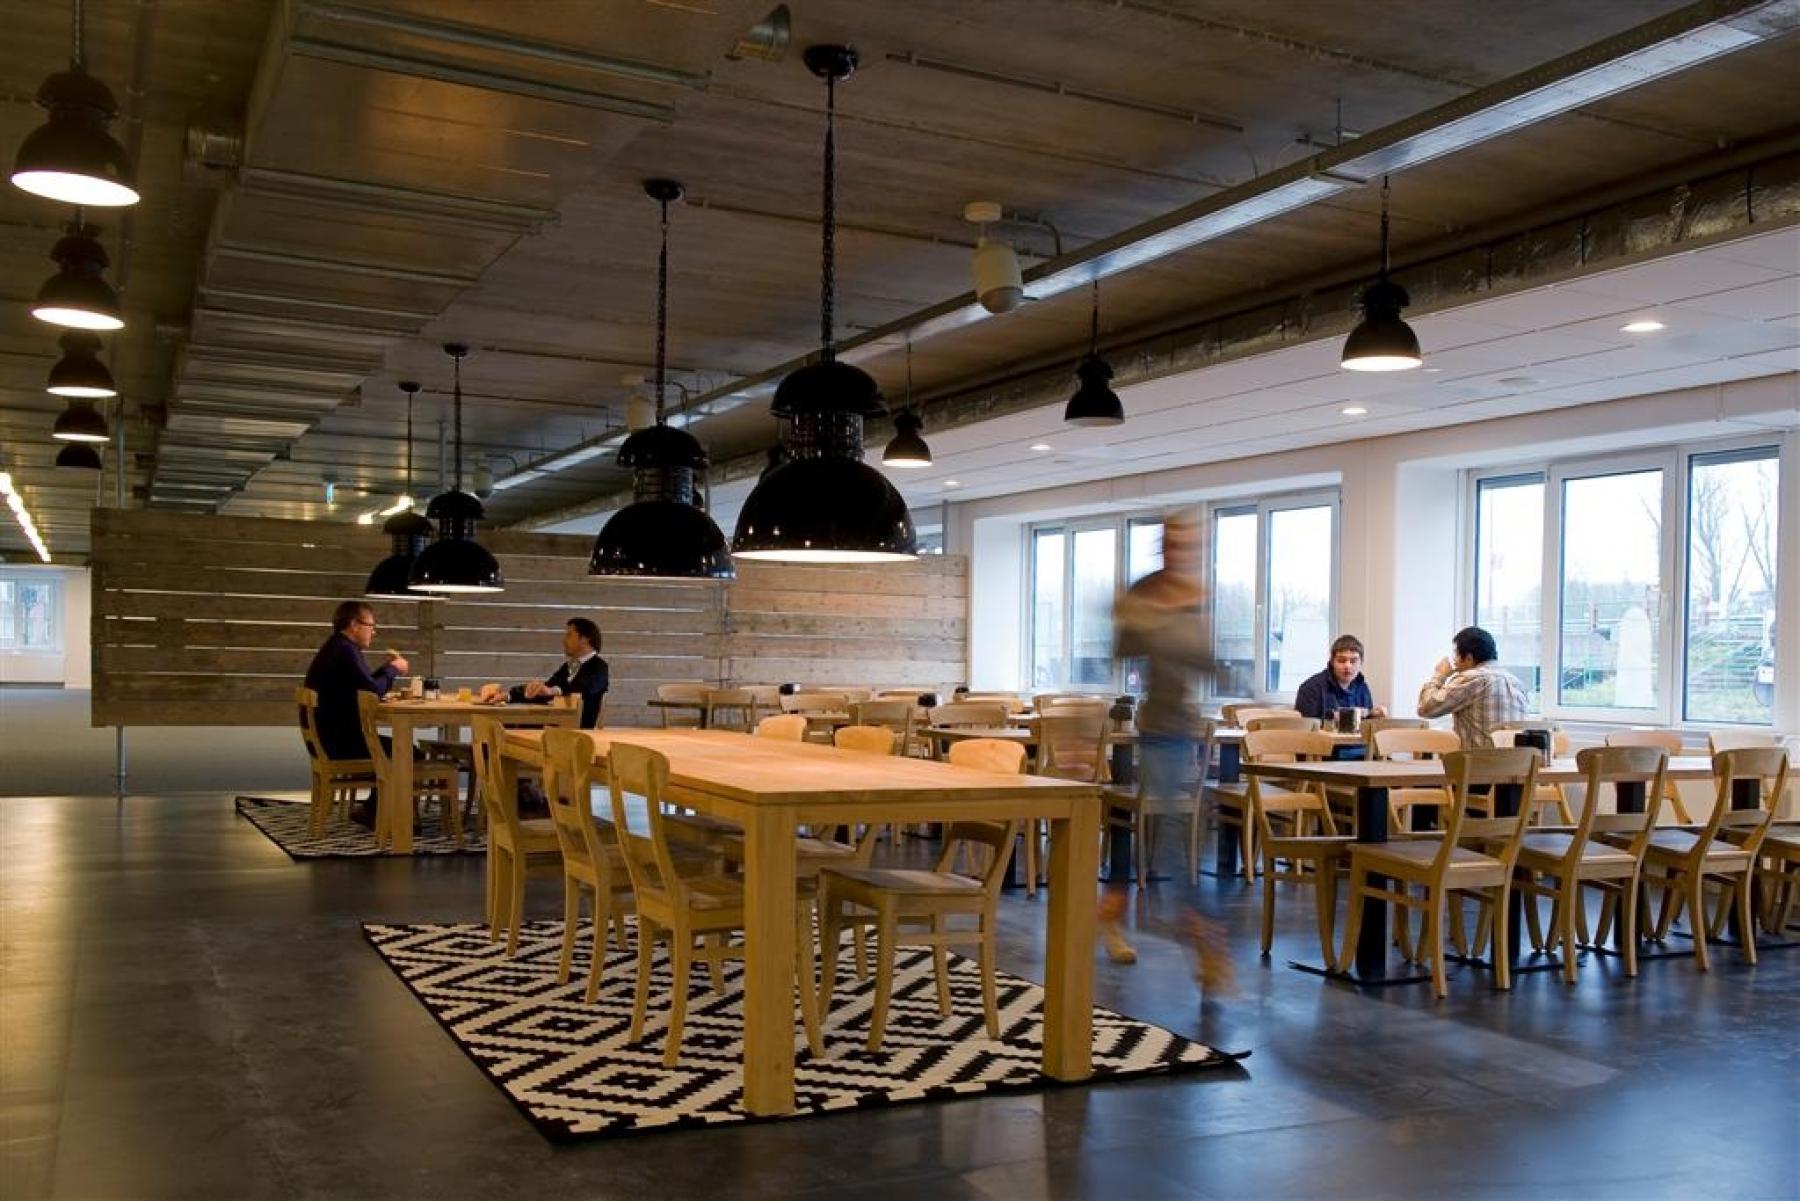 lunchmogelijkheden bedrijfsrestaurant nieuwegein kantoor tafels stoelen medewerkers huren